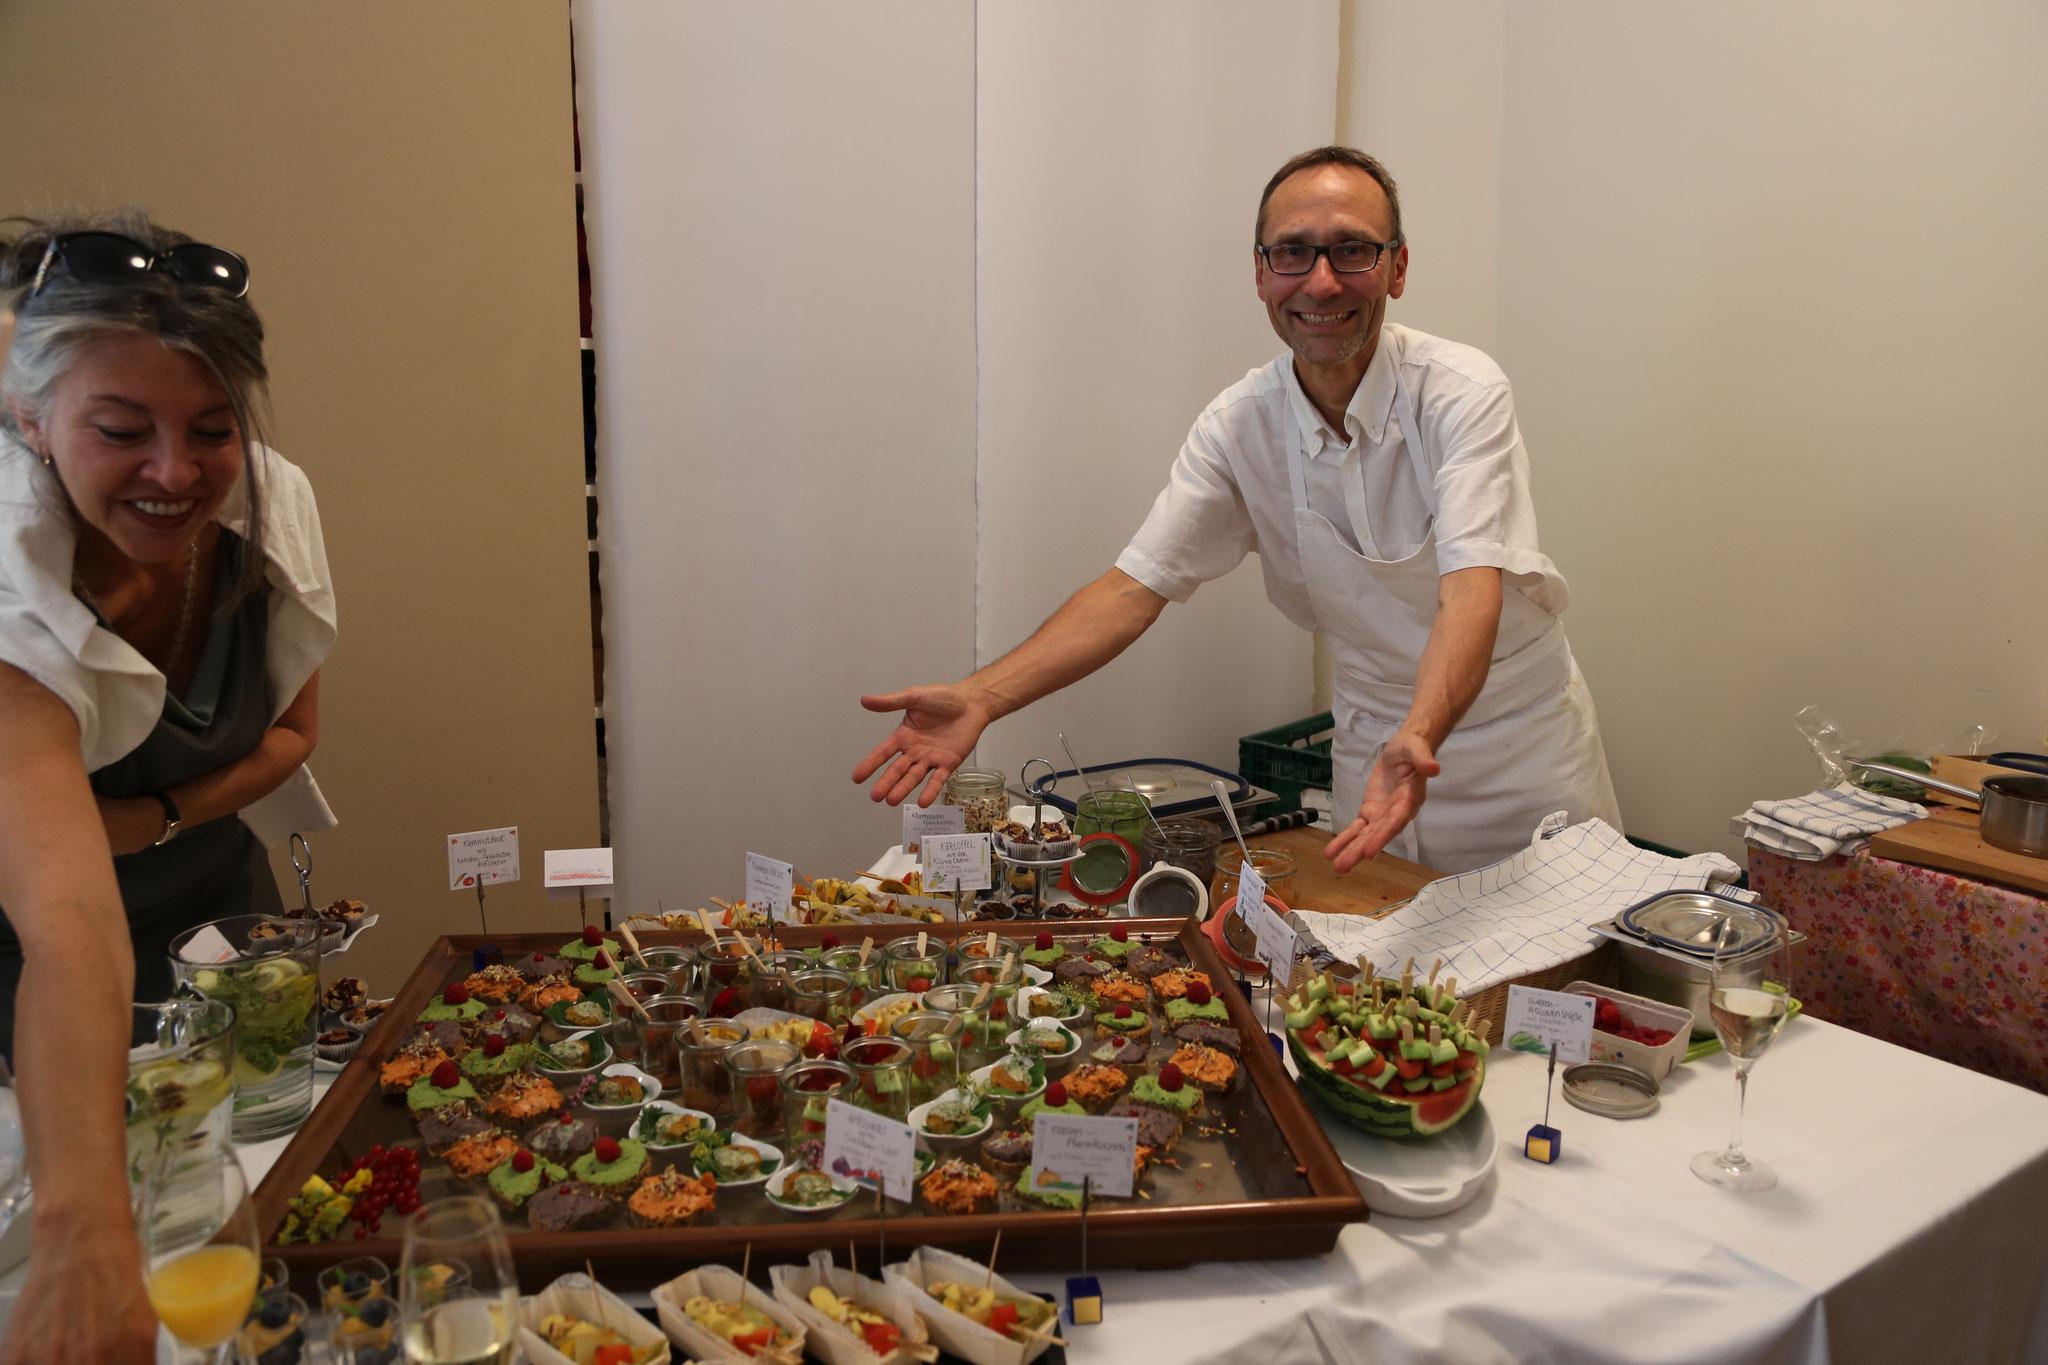 Tataaa ... der Koch präsentiert ein unvergleichlich kunstvolles Büffet